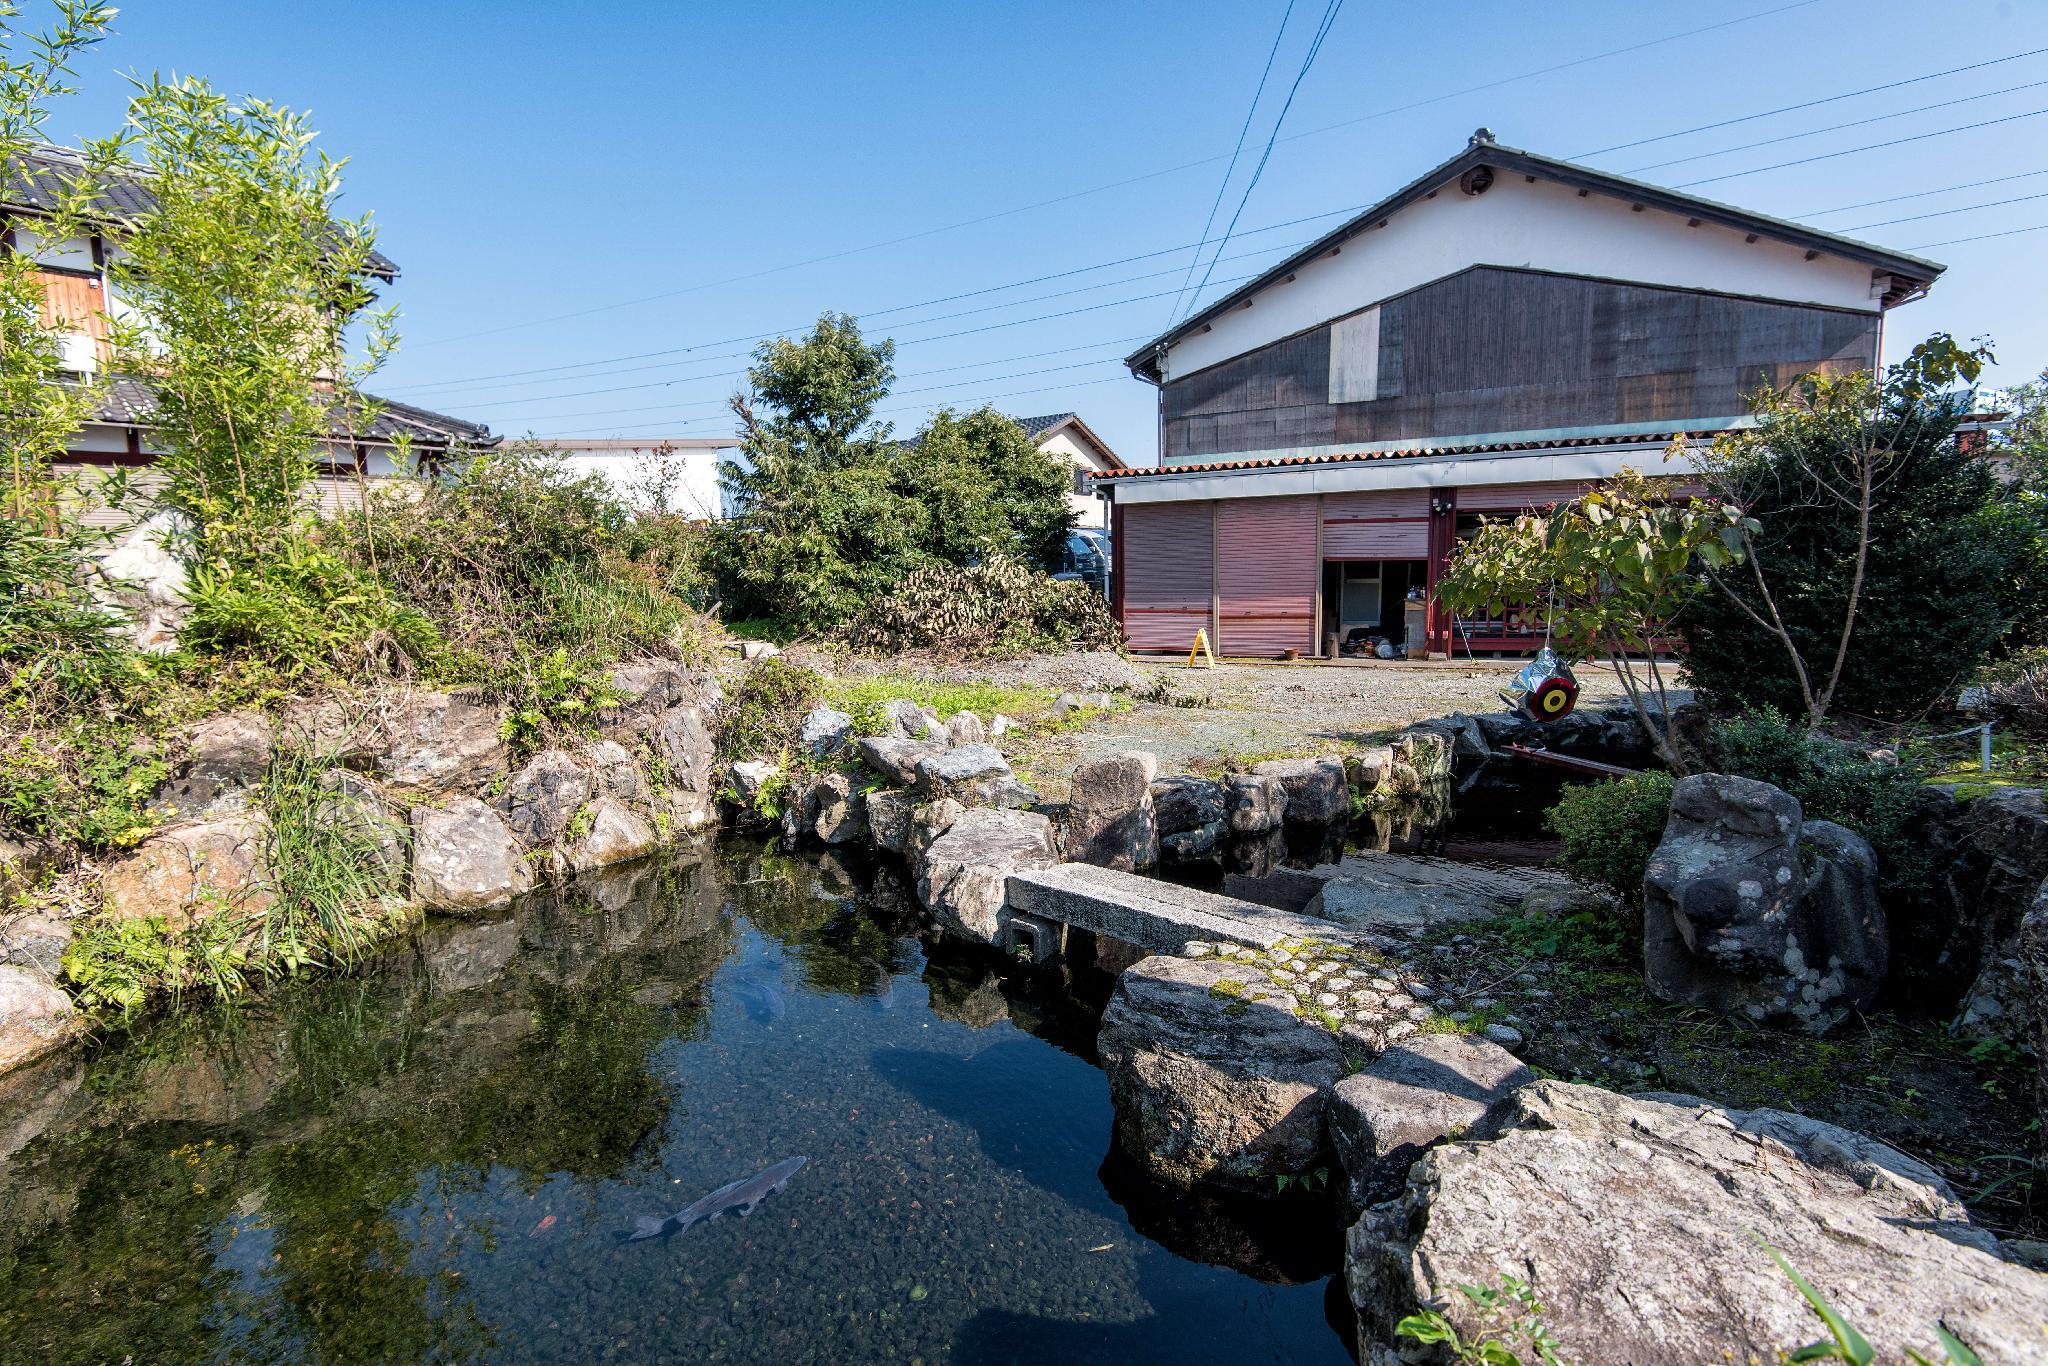 Shanshui House, Takashima